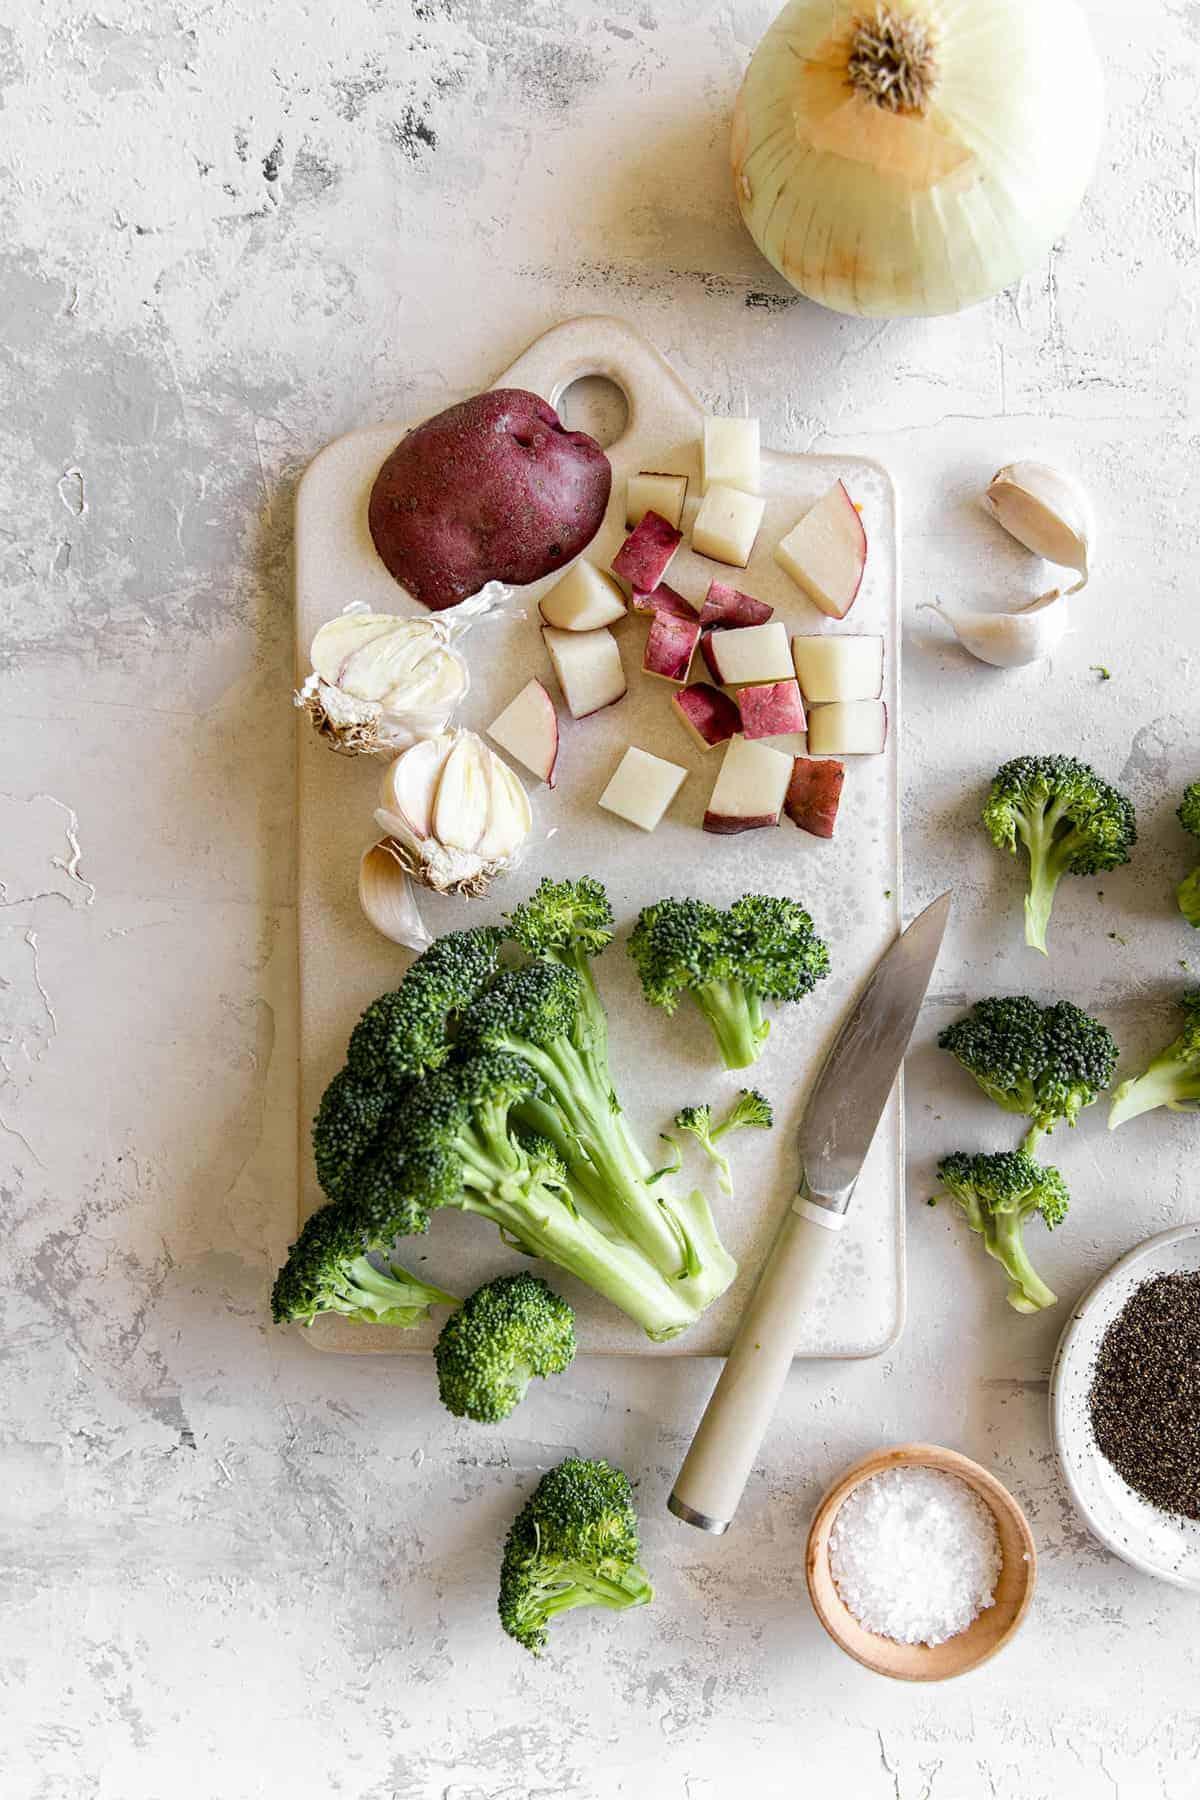 Broccoli cheddar soup ingredients on a cutting board.